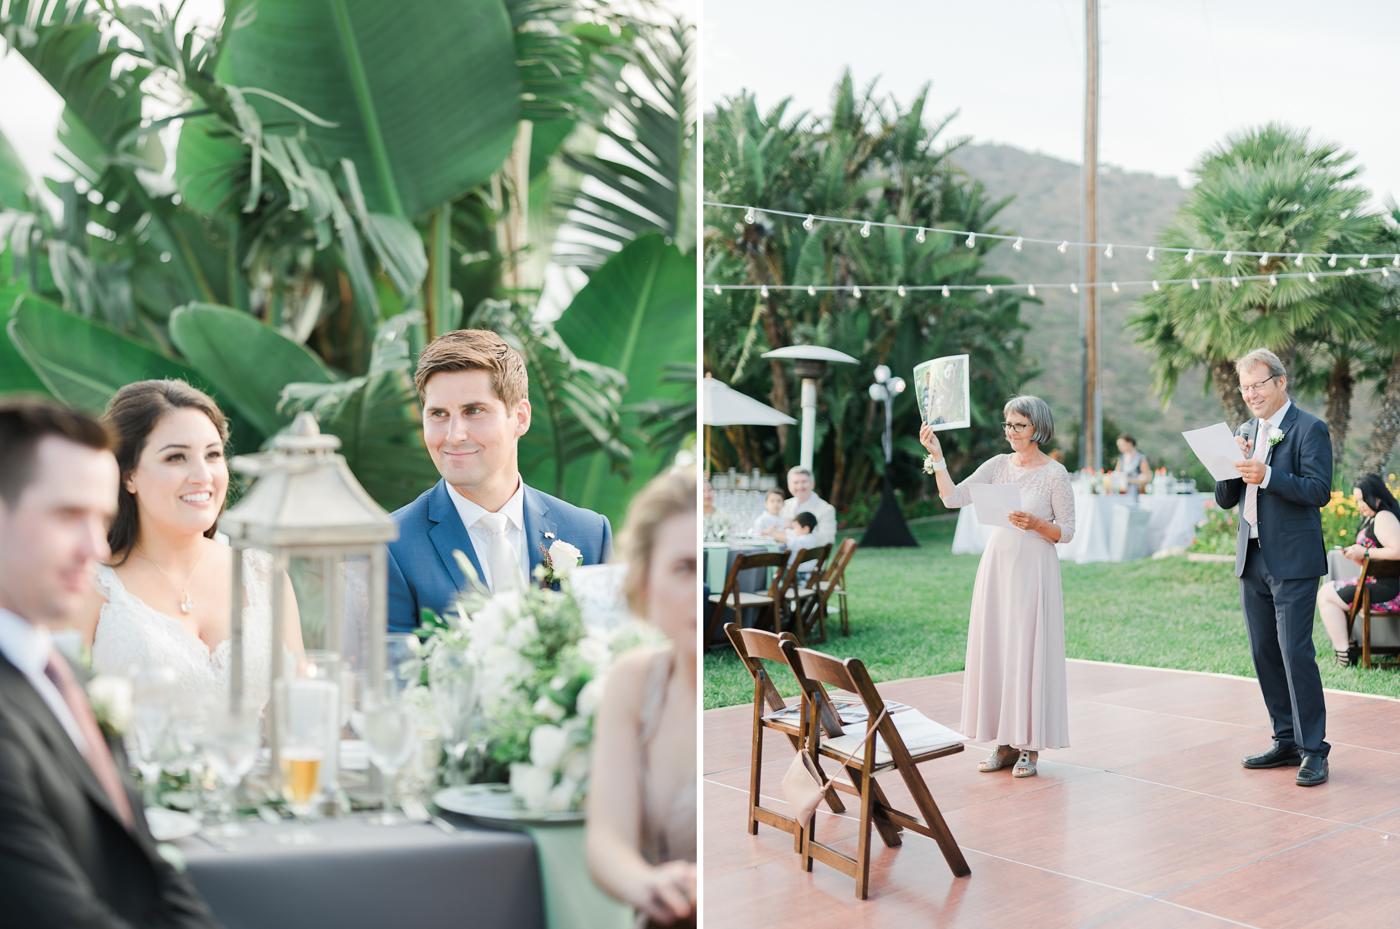 AKP_S&F_Malibu_Wedding_Fine_Art_Photography_Los_Angeles-45_reception.jpg